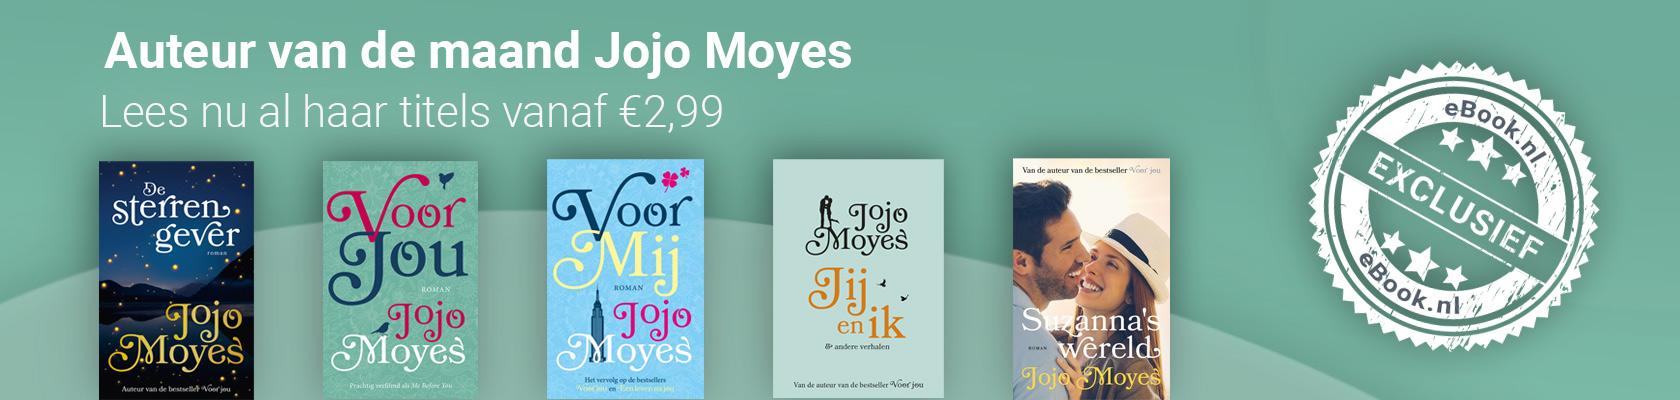 Auteur van de Maand: Jojo Moyes